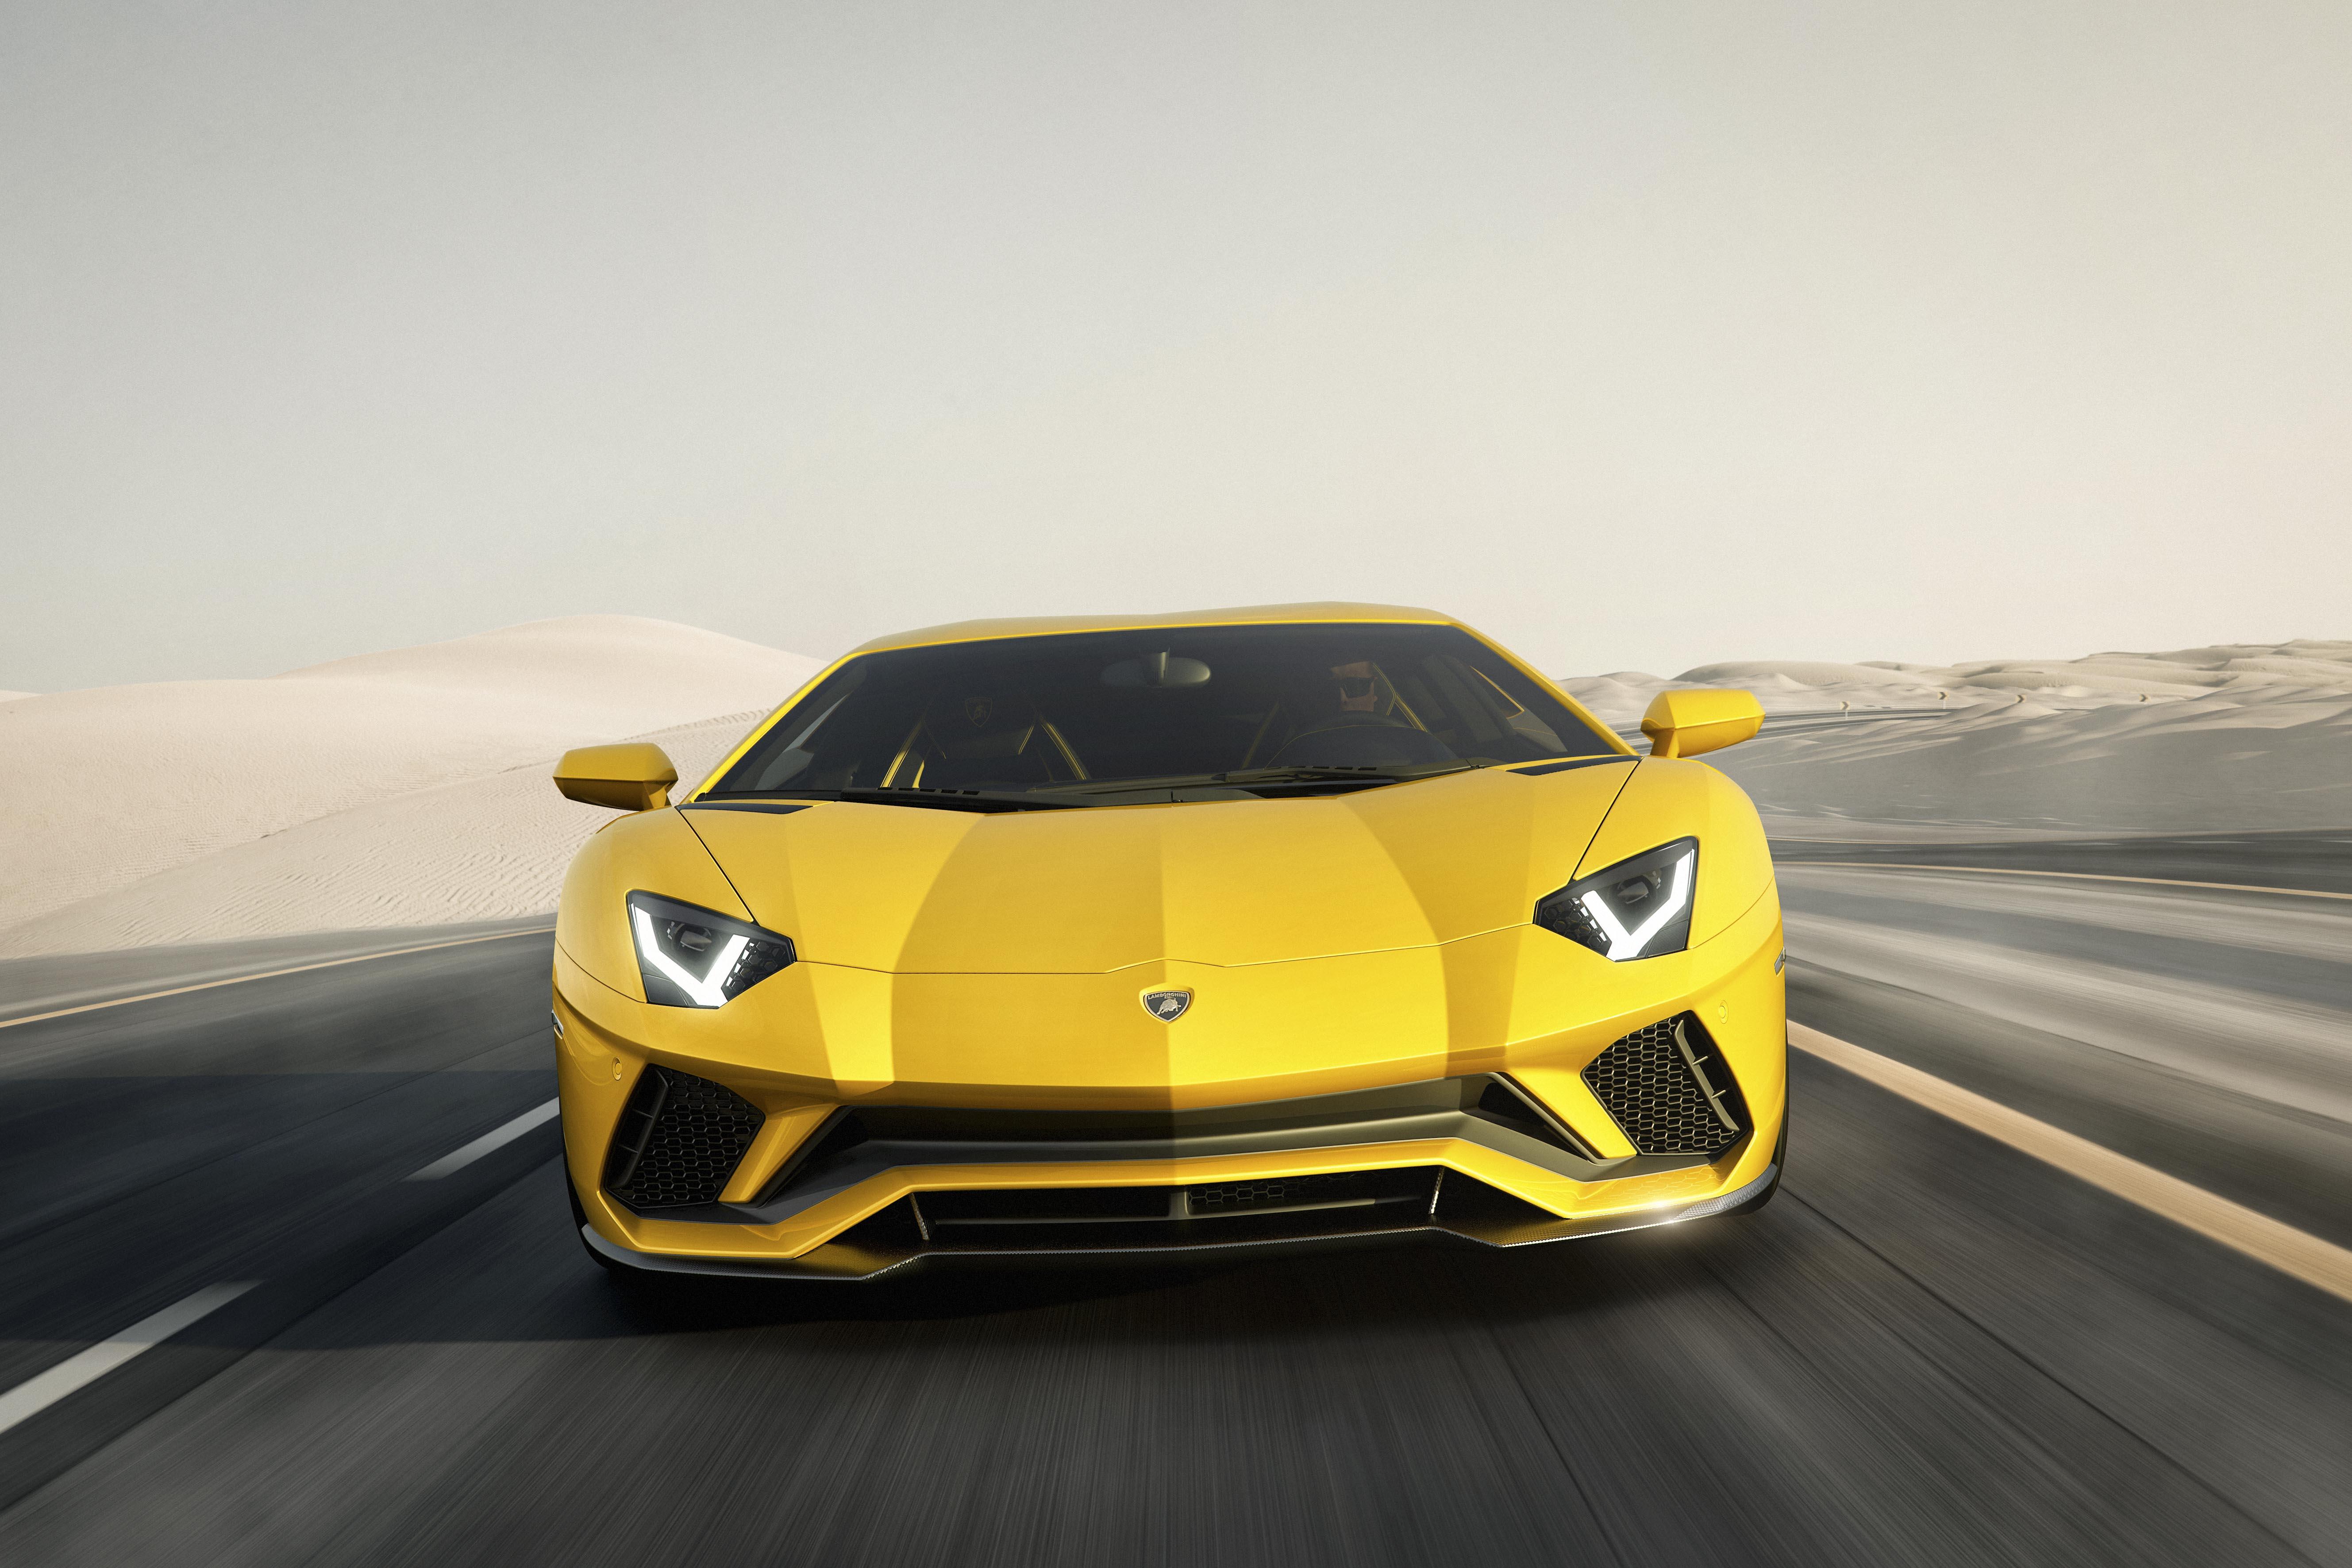 Lamborghini Aventador S caratteristiche